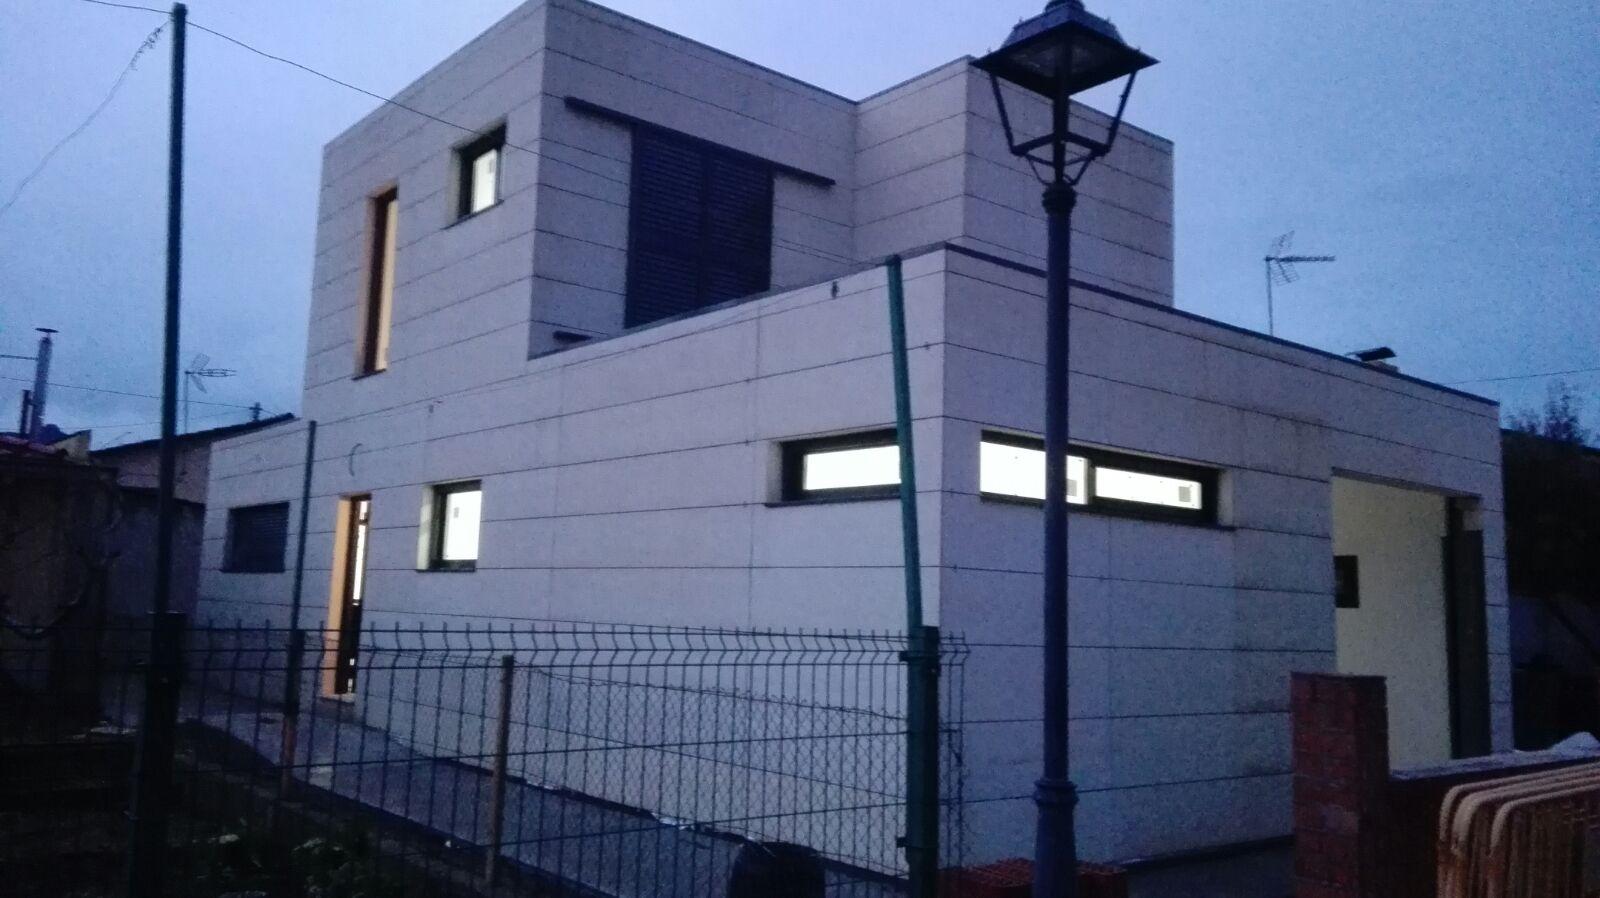 Vivienda unifamiliar 120m2 dúplex con fachada Viroc